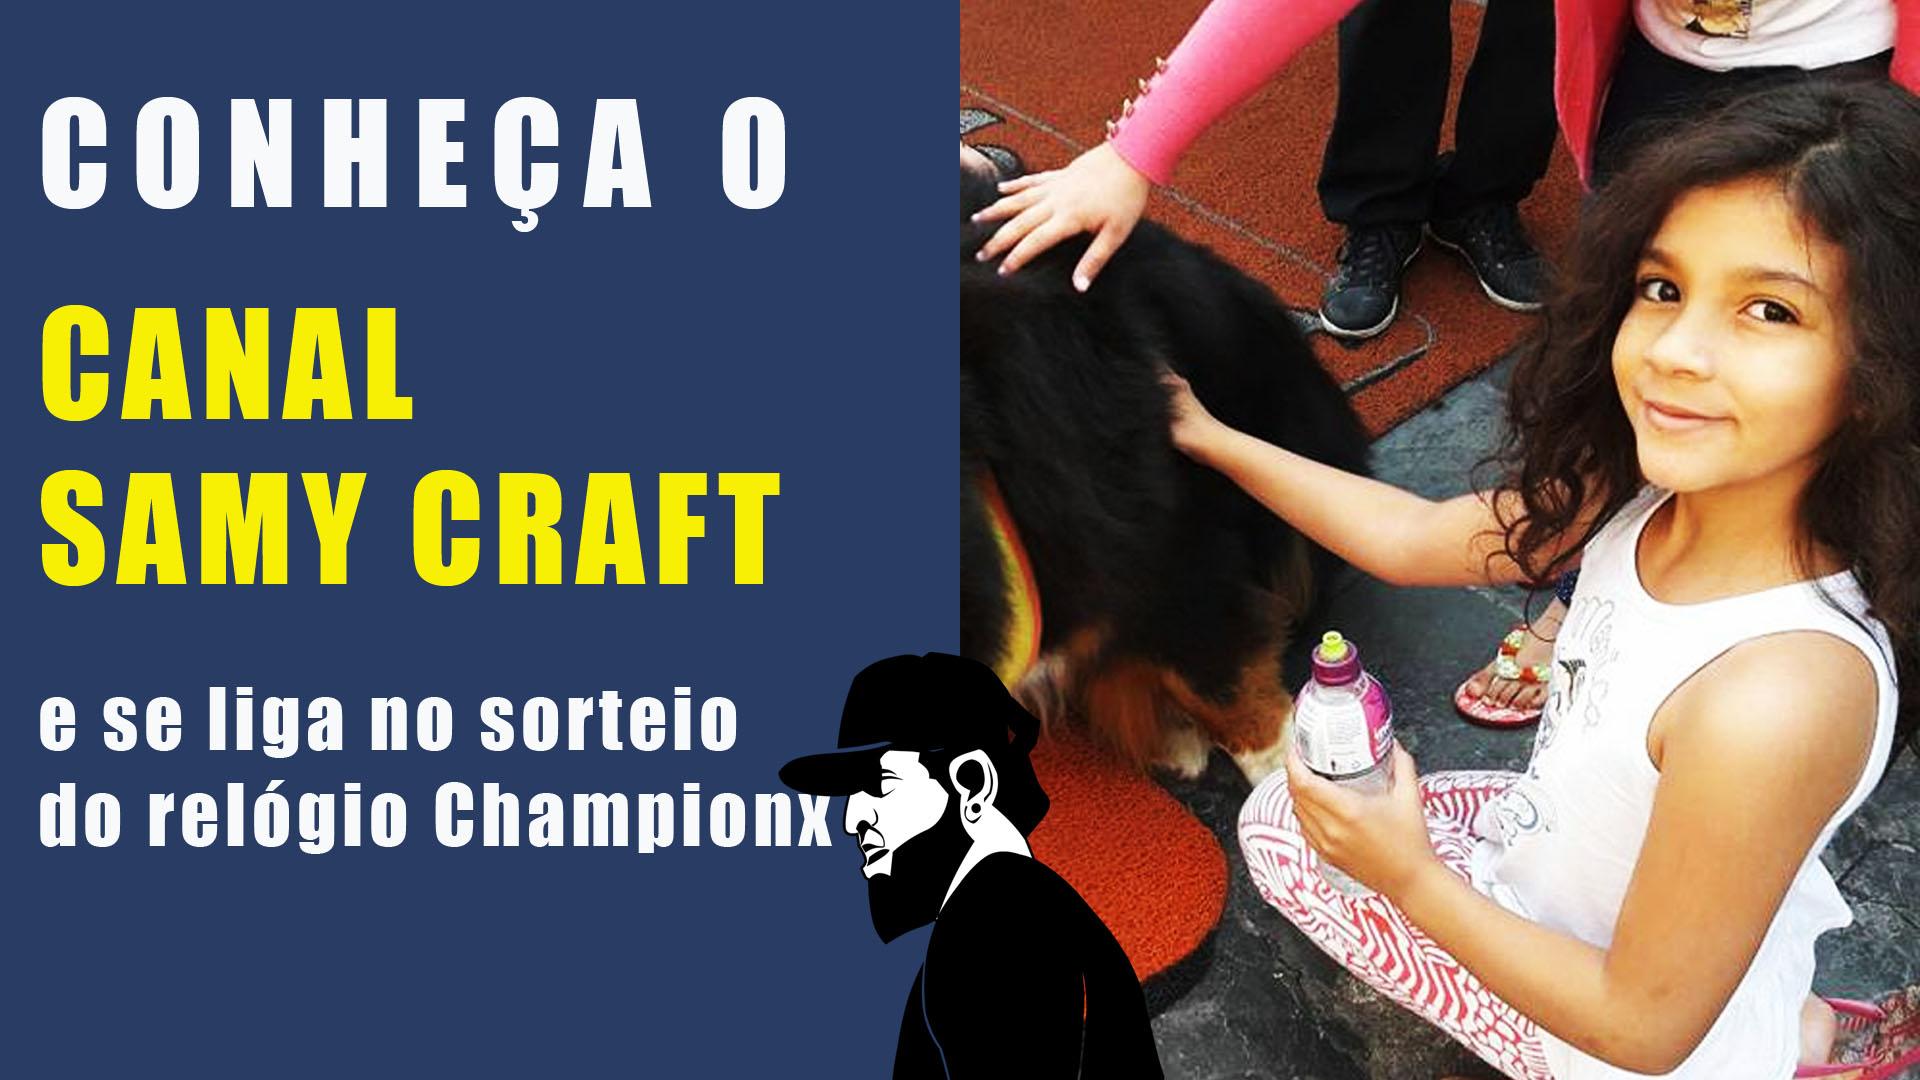 Conheça o Canal Samy Craft + Sorteio Relógio Champion YoT | 10K